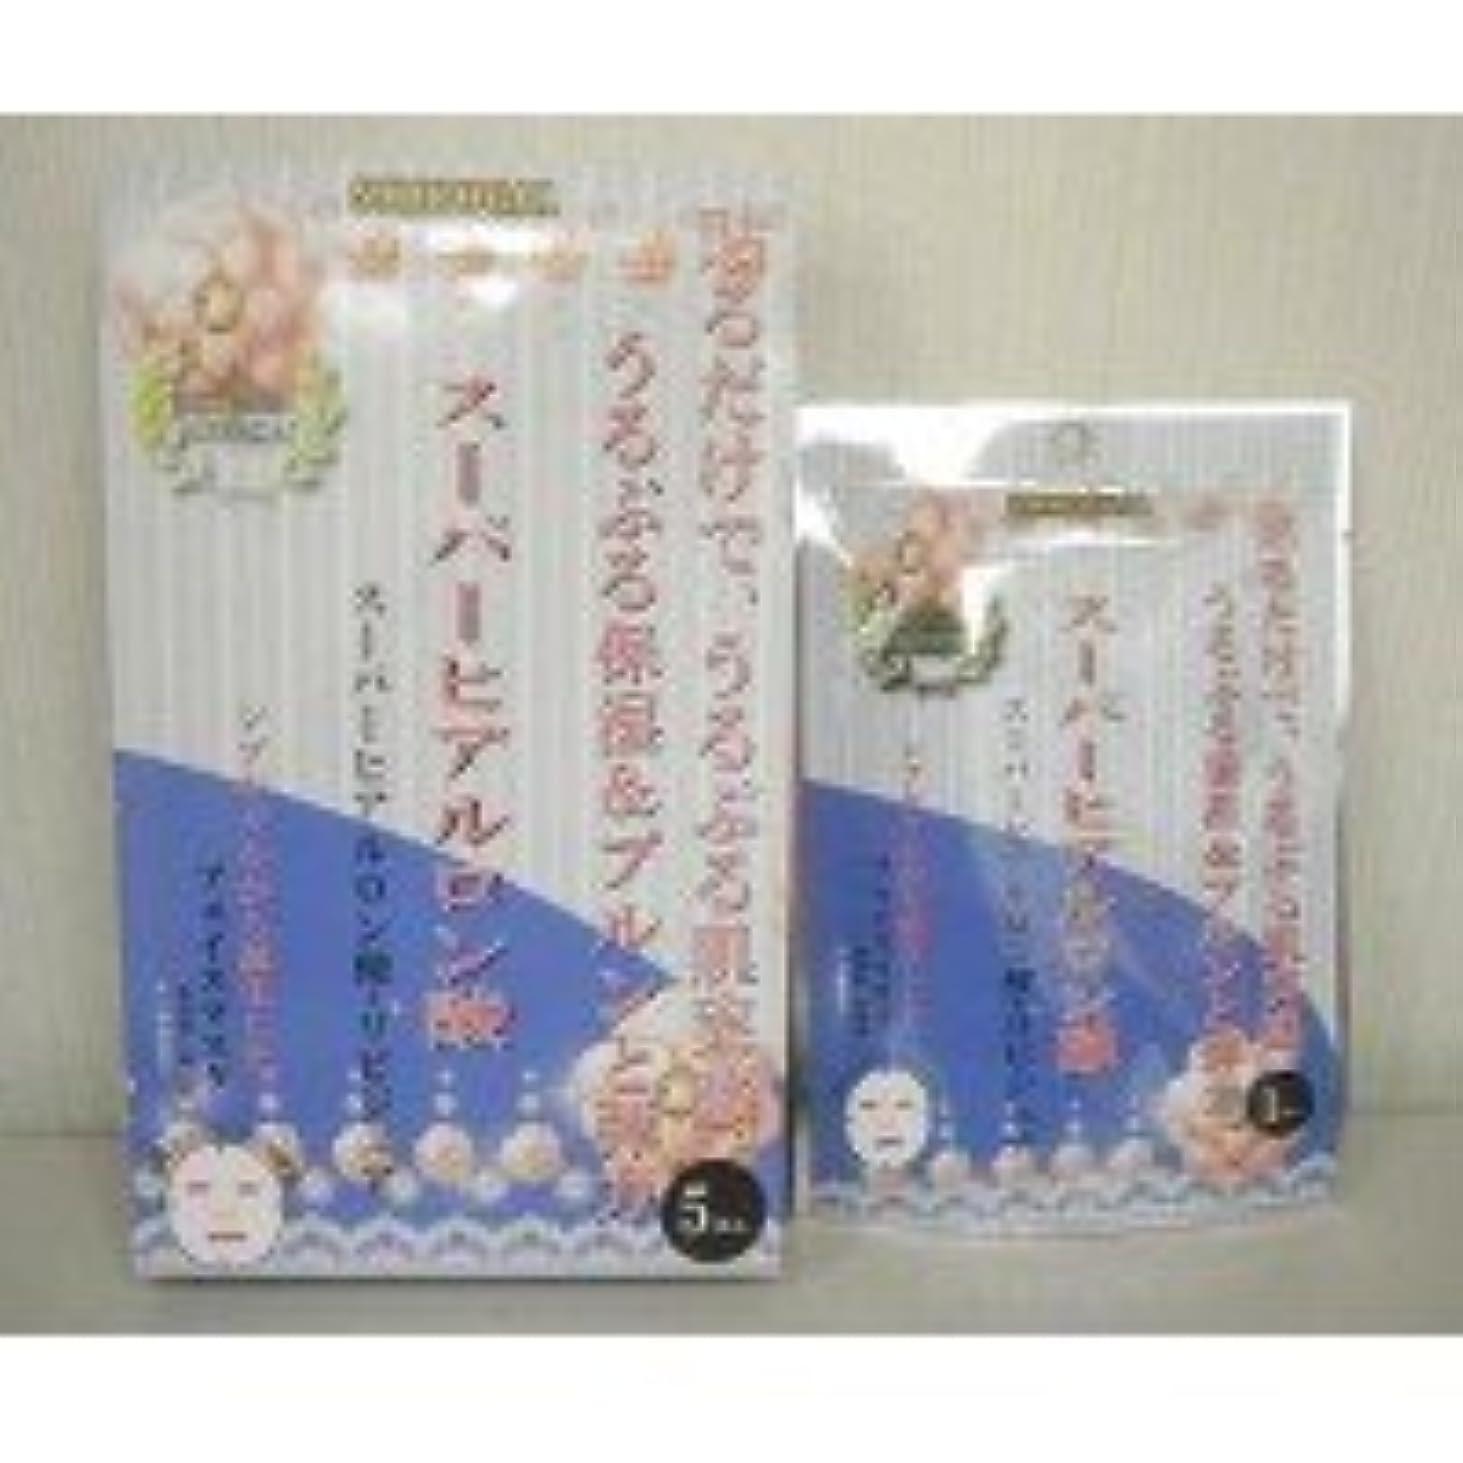 販売計画ドット欠かせないシブギャル スーパーヒアルロン酸+リピジュアフェイスマスク(5枚入) & プラセンタ+Q10フェイスマスク(5枚入)